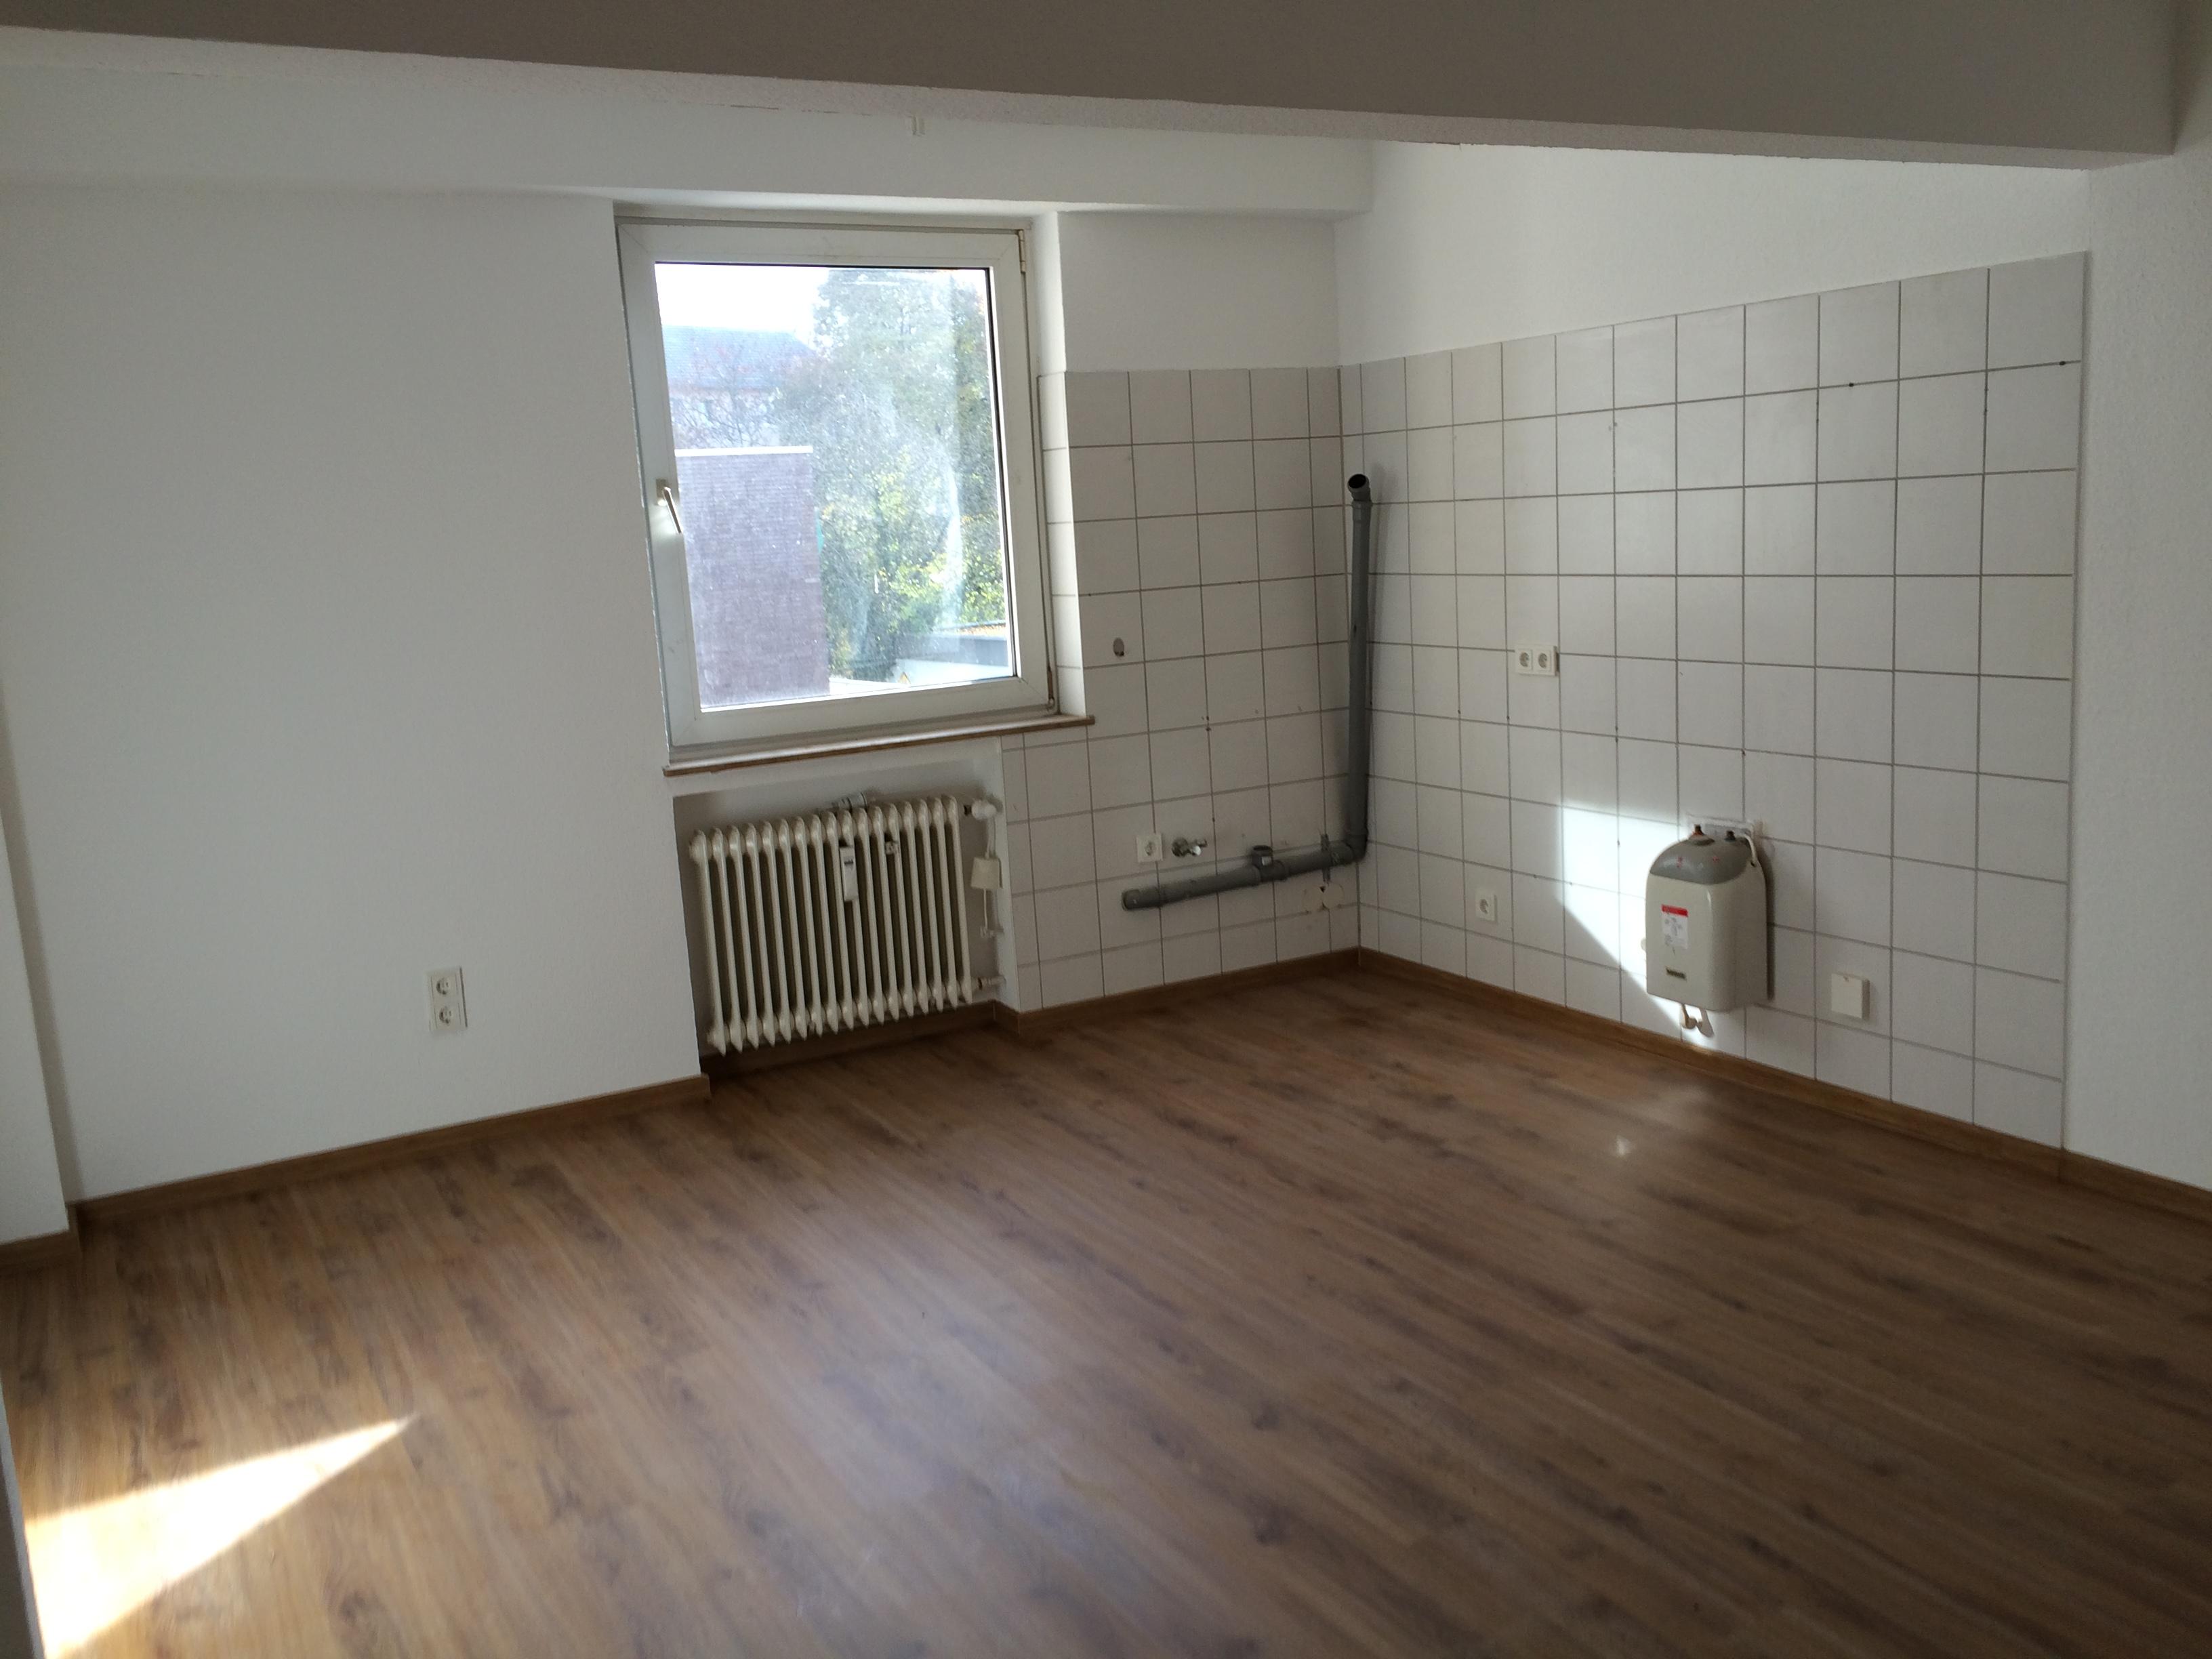 Fußbodenbelag Zum Gießen ~ Wohnungen claus r. menges gmbh